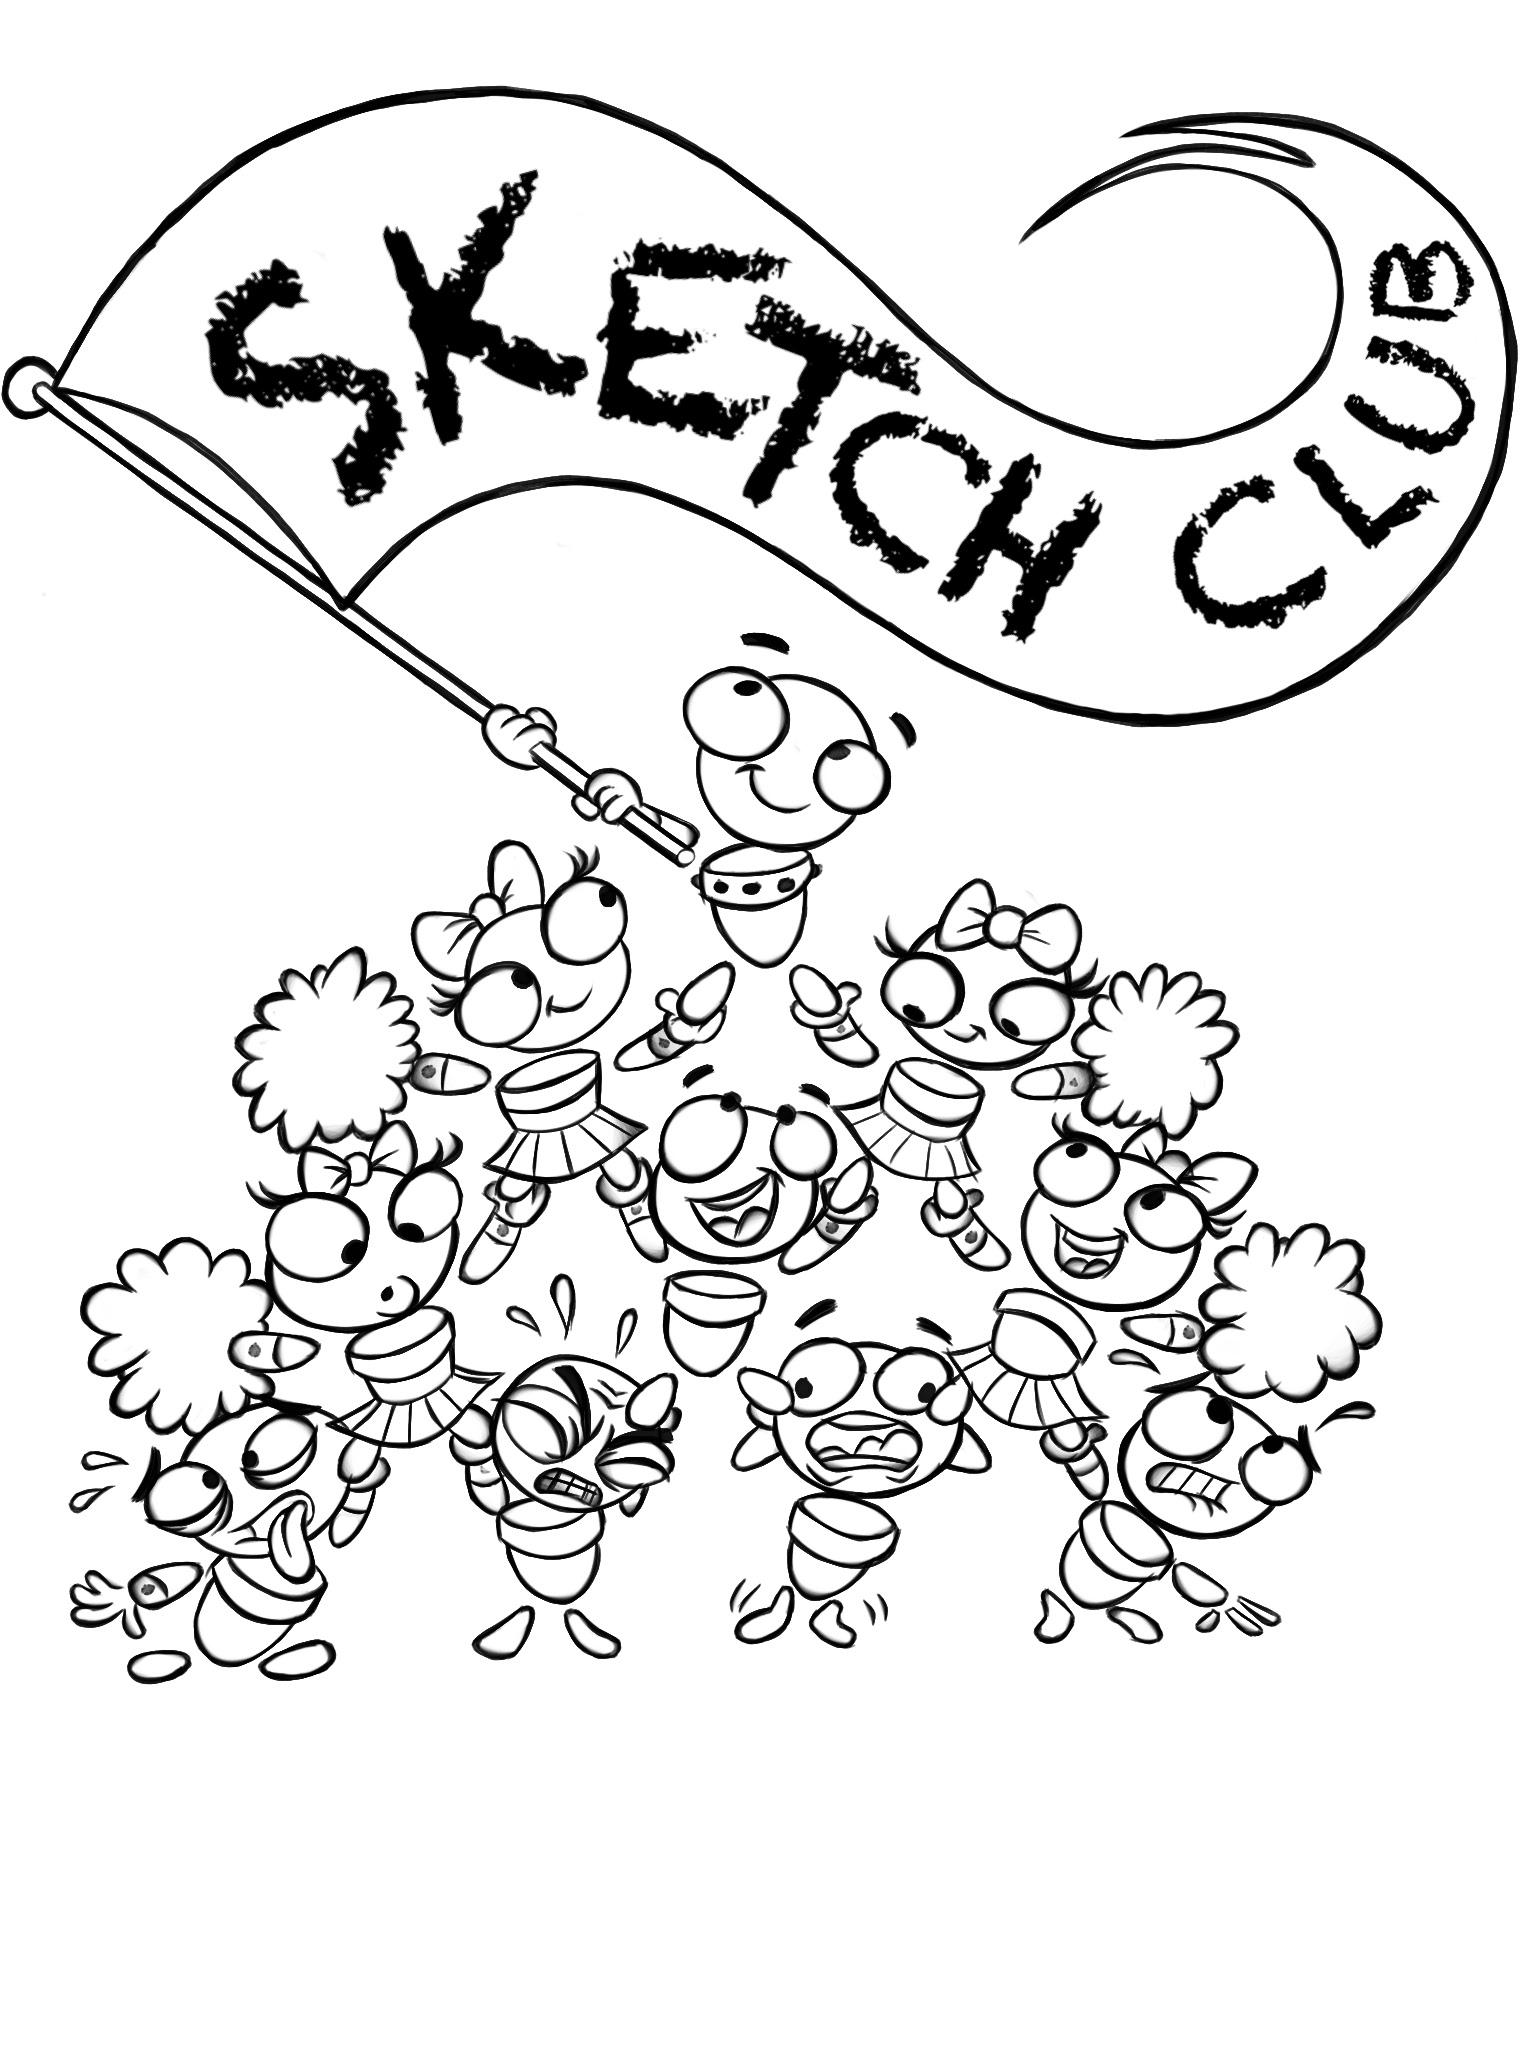 SketchClub_lines.jpg